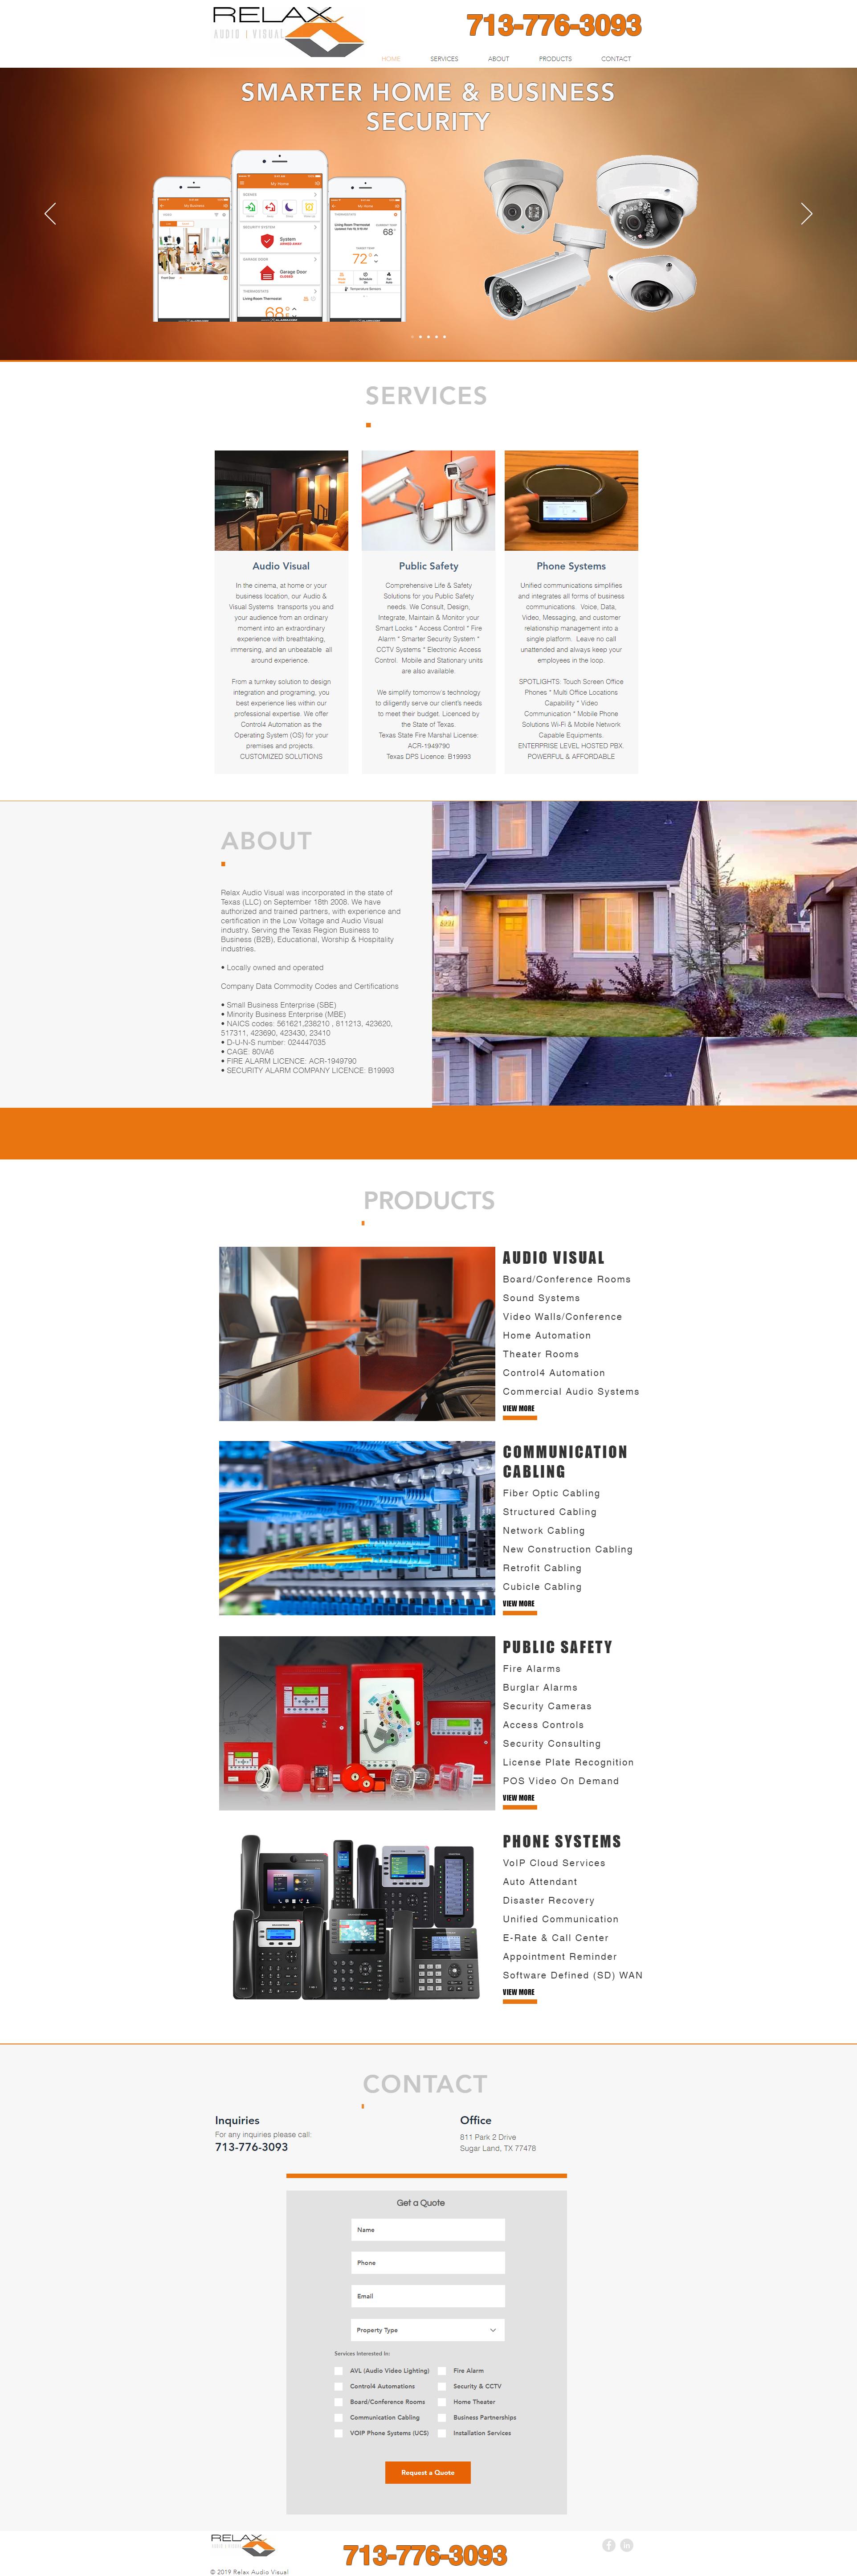 Relax Audio Visual website design